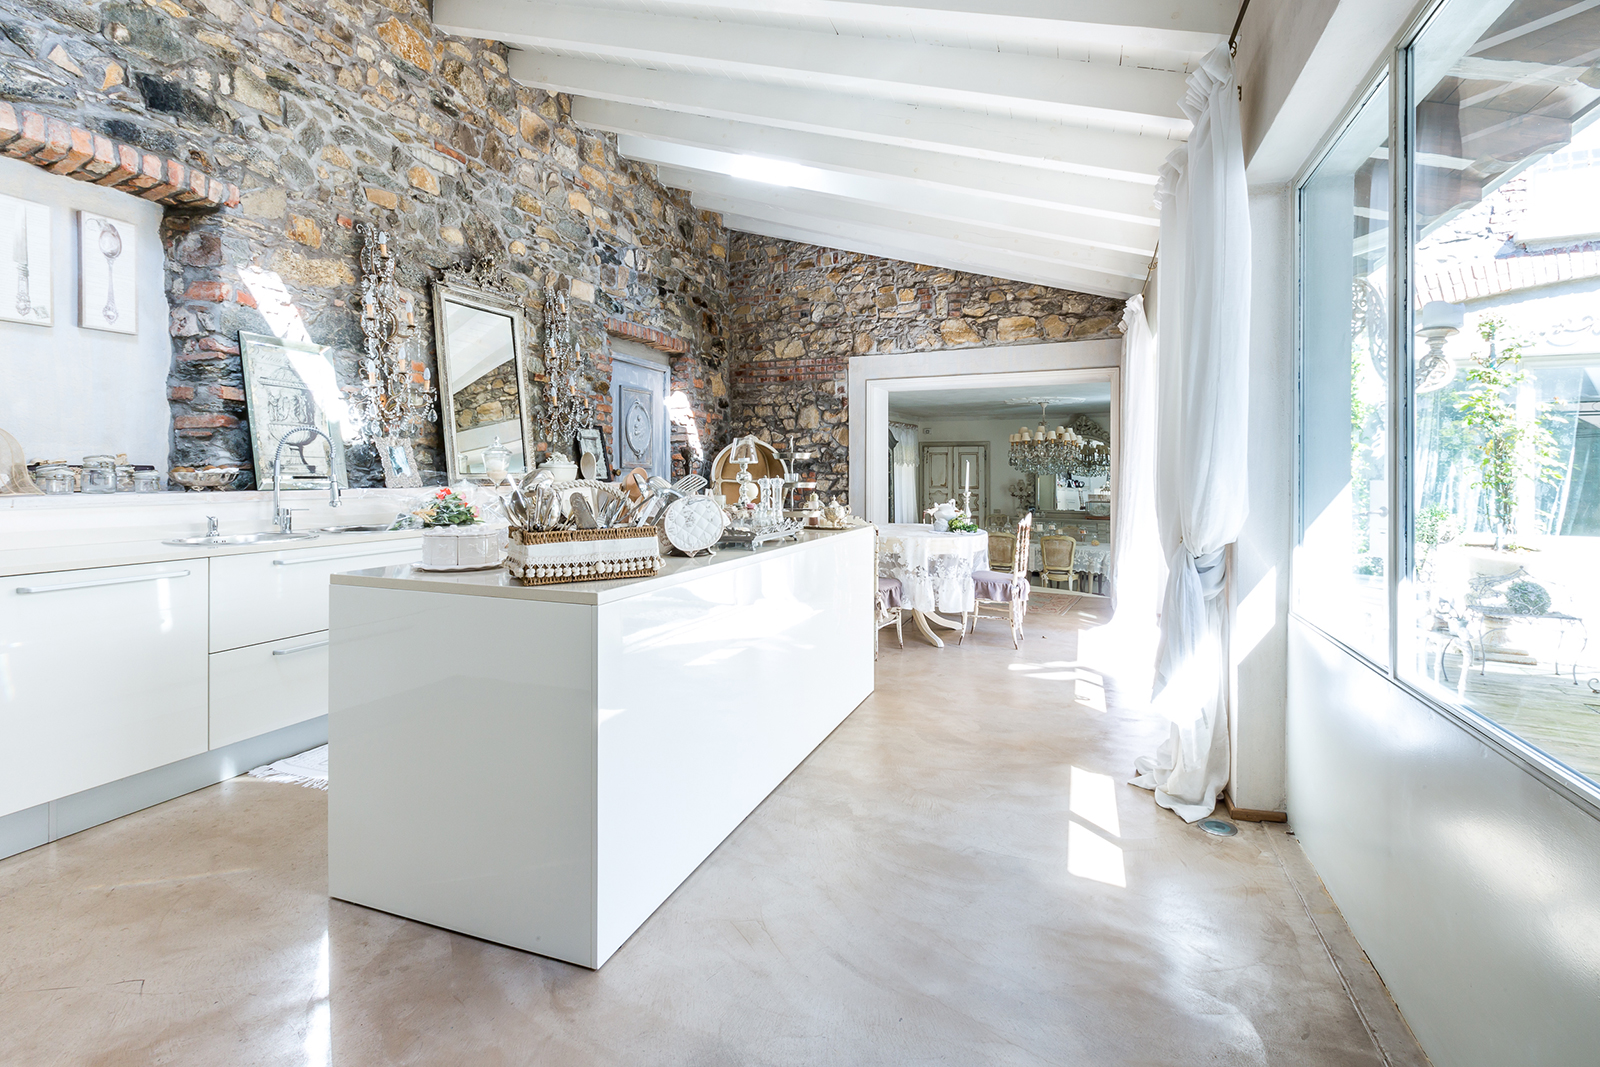 Soggiorni provenzali idee creative di interni e mobili - Casa shabby chic ...